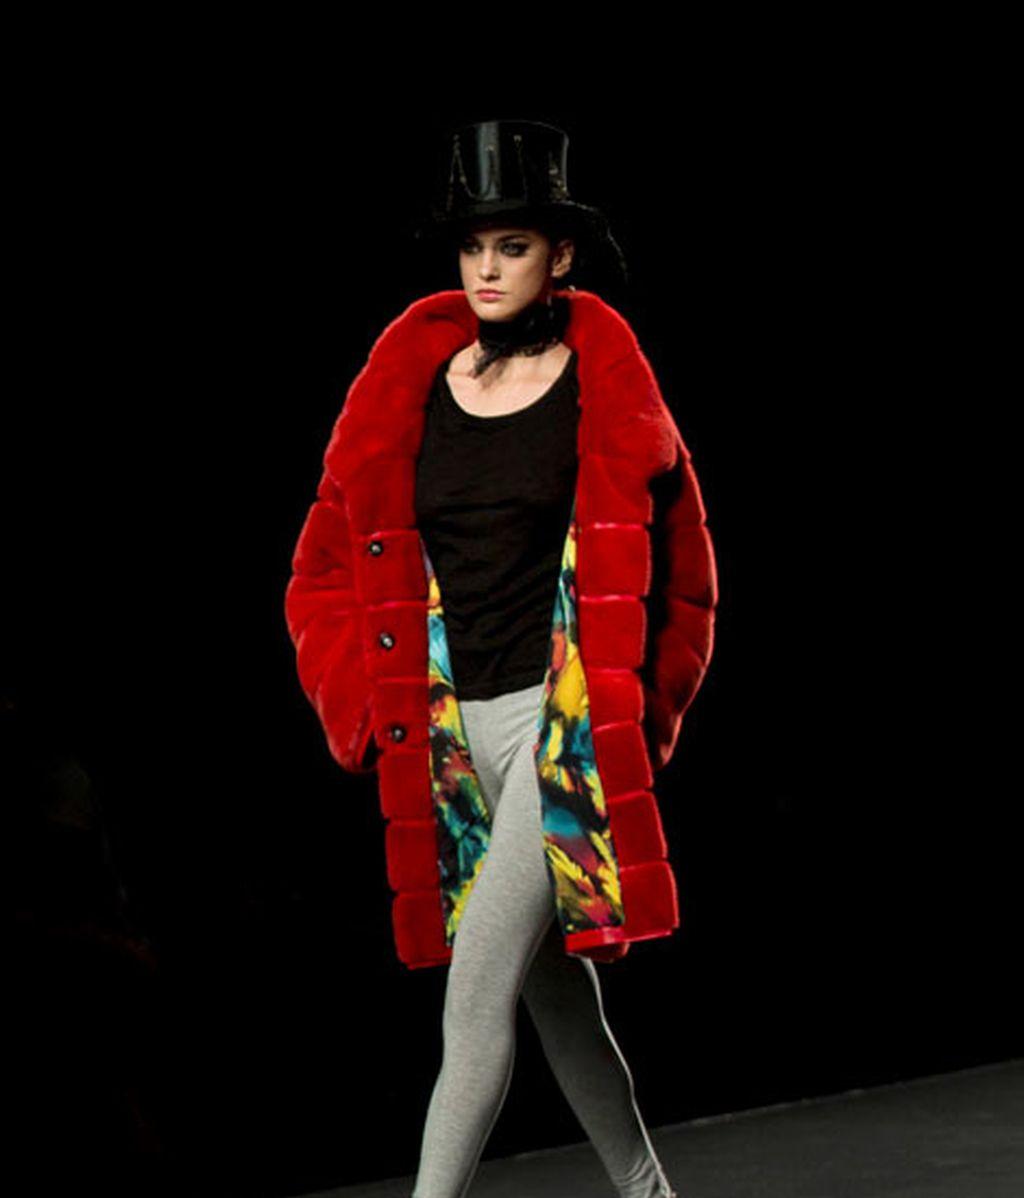 La tendencia fusiona el 'steampunk' con el 'glam'